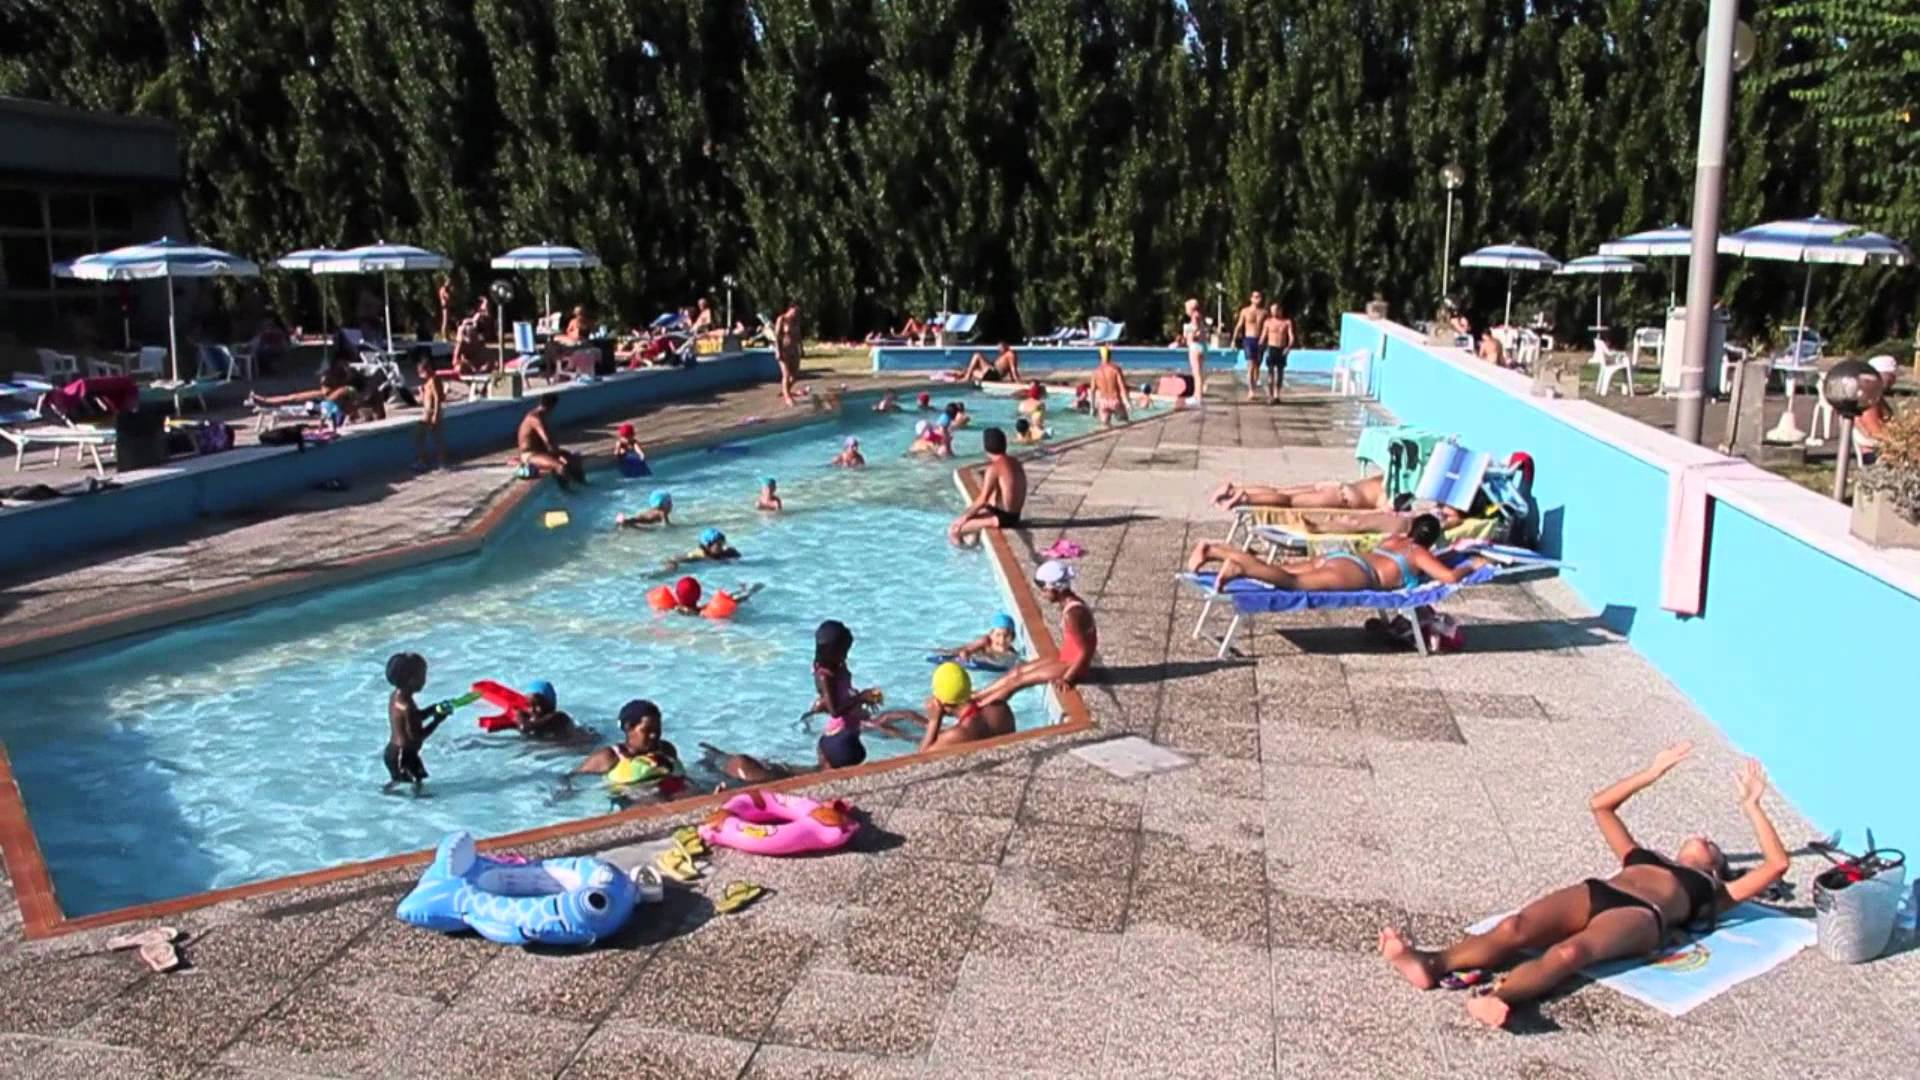 Piscina vandelli bologna zero for Piani di progettazione della piscina